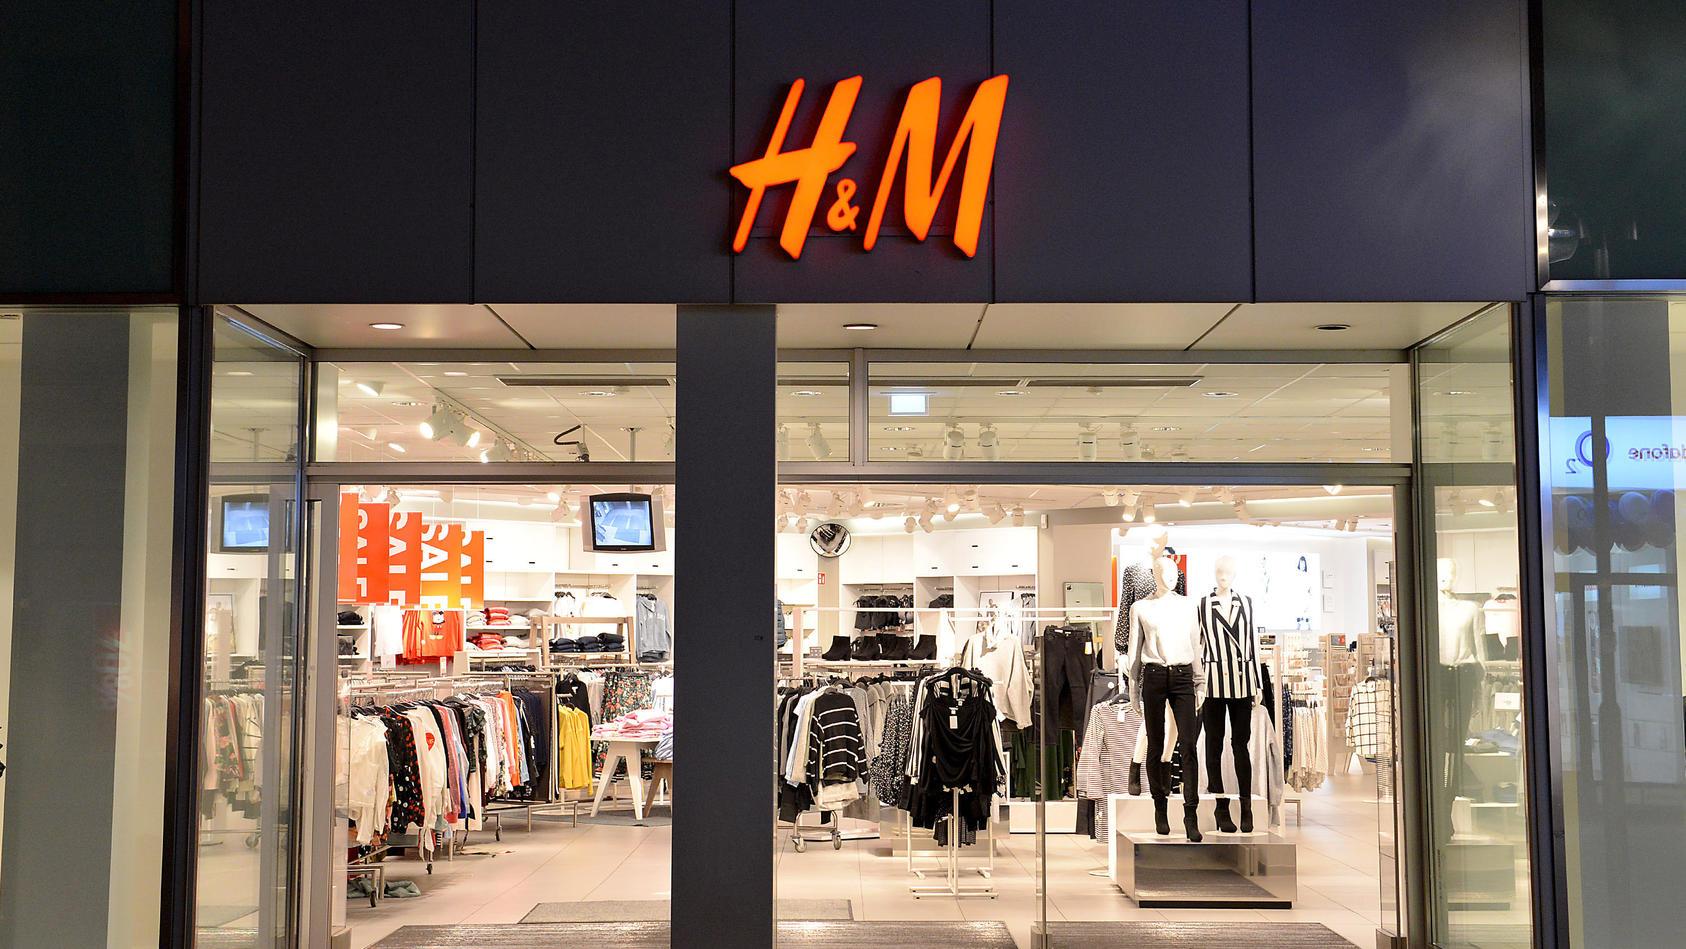 Weil H&M wohl vor allem Mütter mit Kindern loswerden will, erntet der Modekonzern viel Kritik.